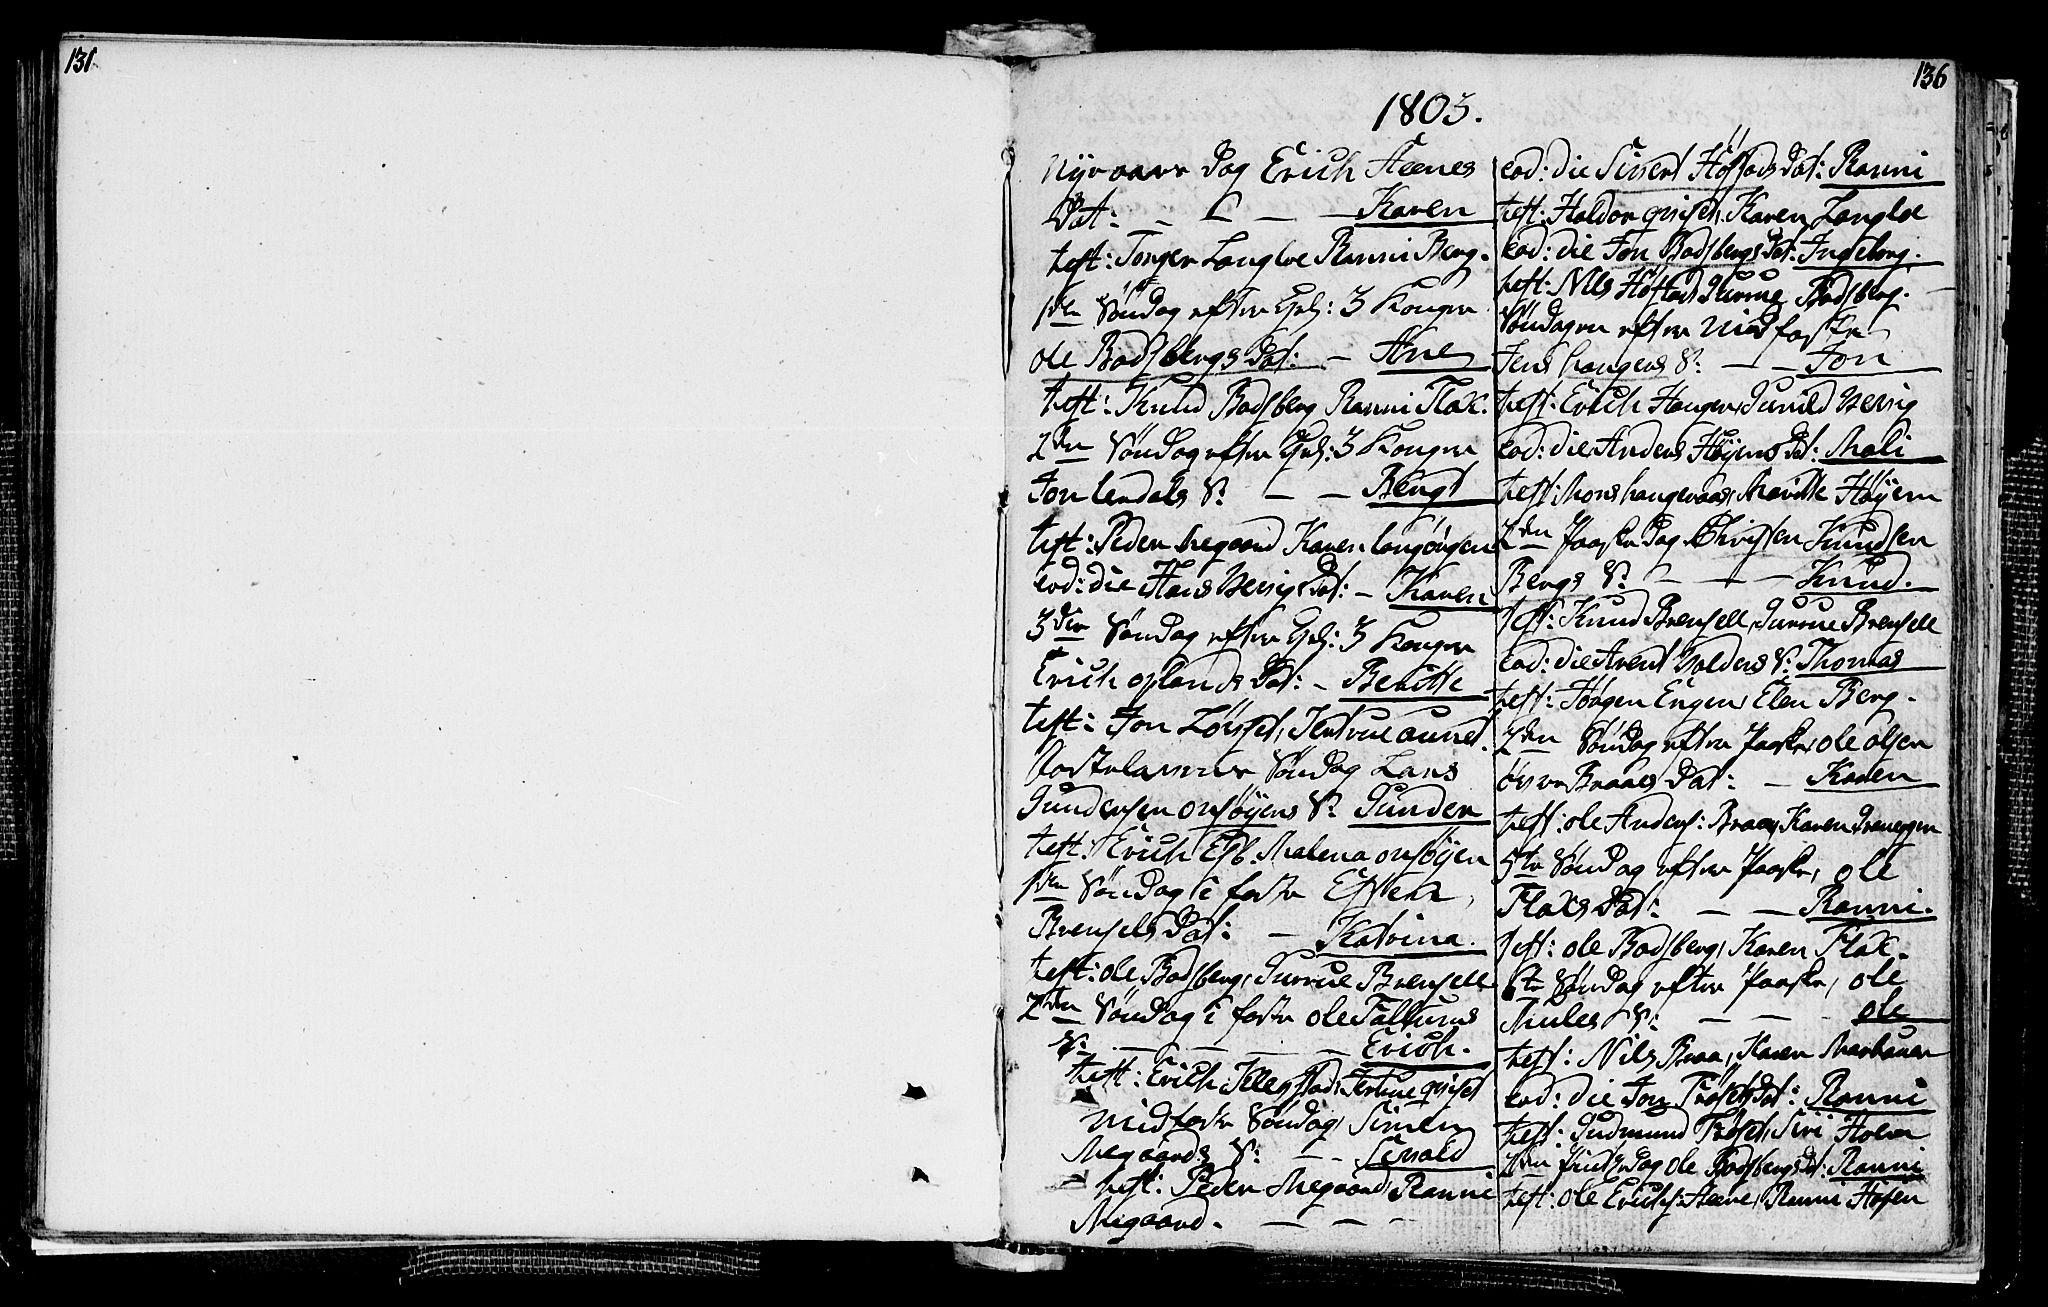 SAT, Ministerialprotokoller, klokkerbøker og fødselsregistre - Sør-Trøndelag, 612/L0371: Ministerialbok nr. 612A05, 1803-1816, s. 135-136